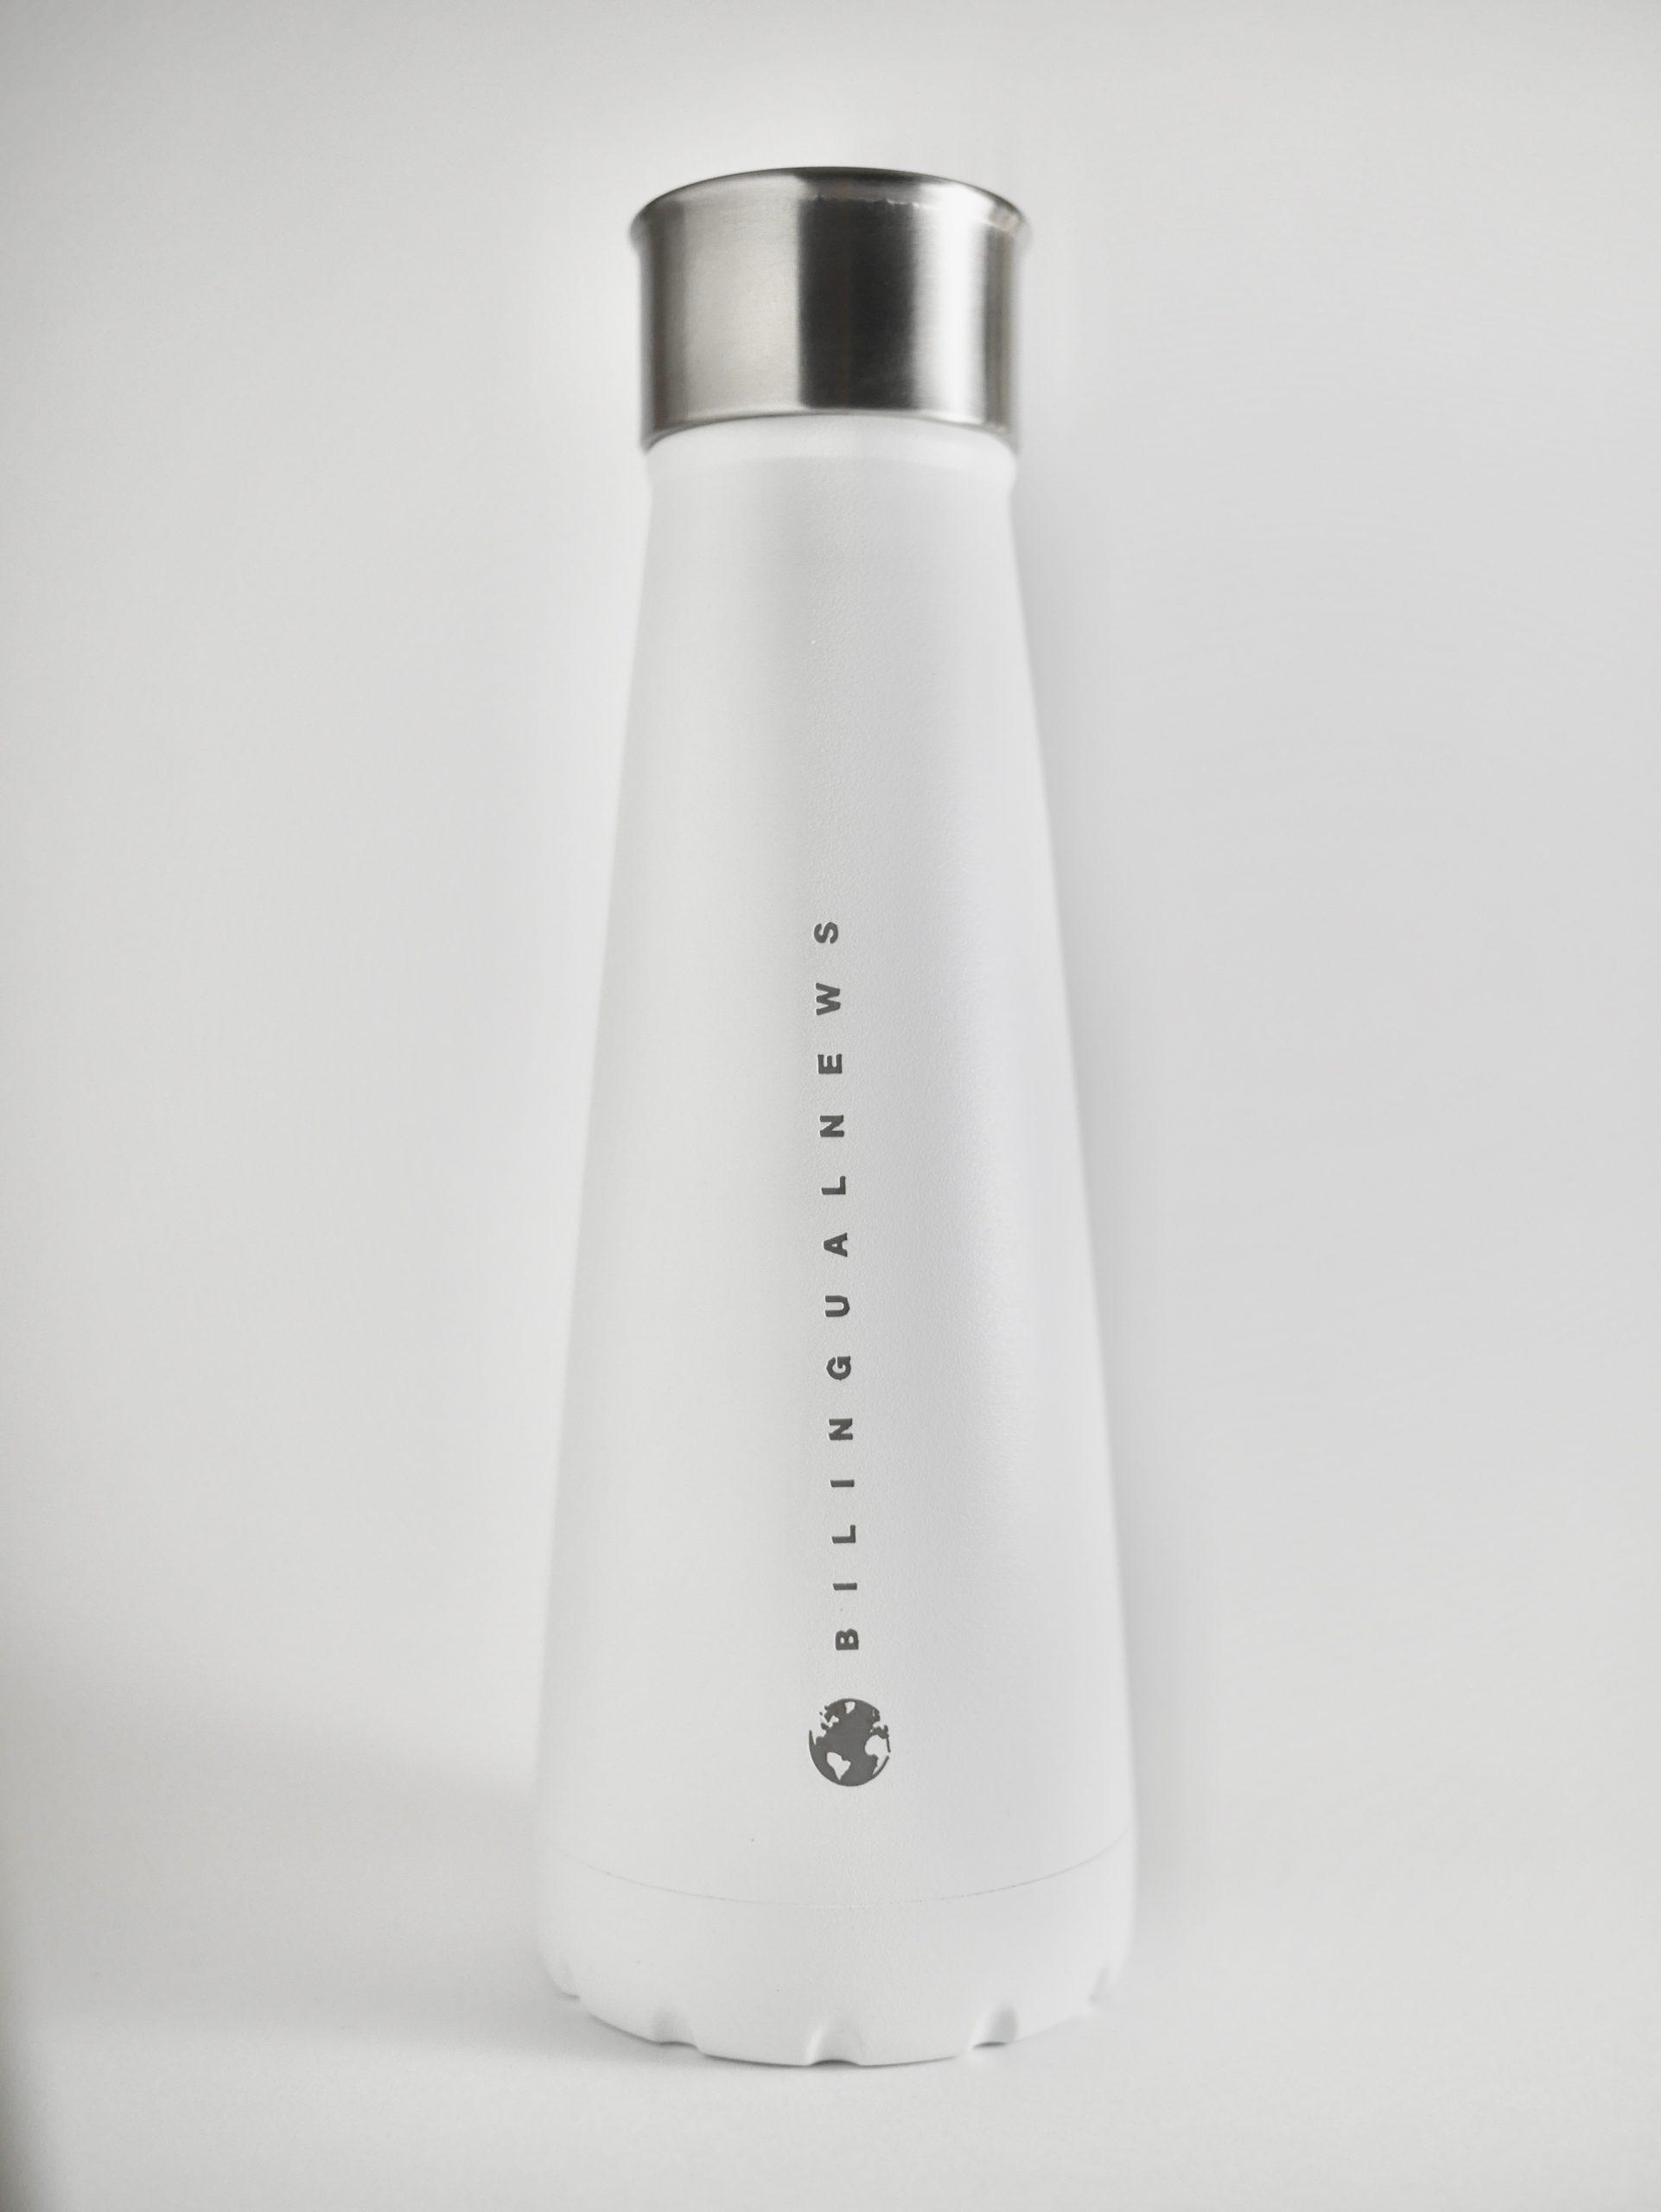 BN Stainless Bottle | BN ステンレスボトル